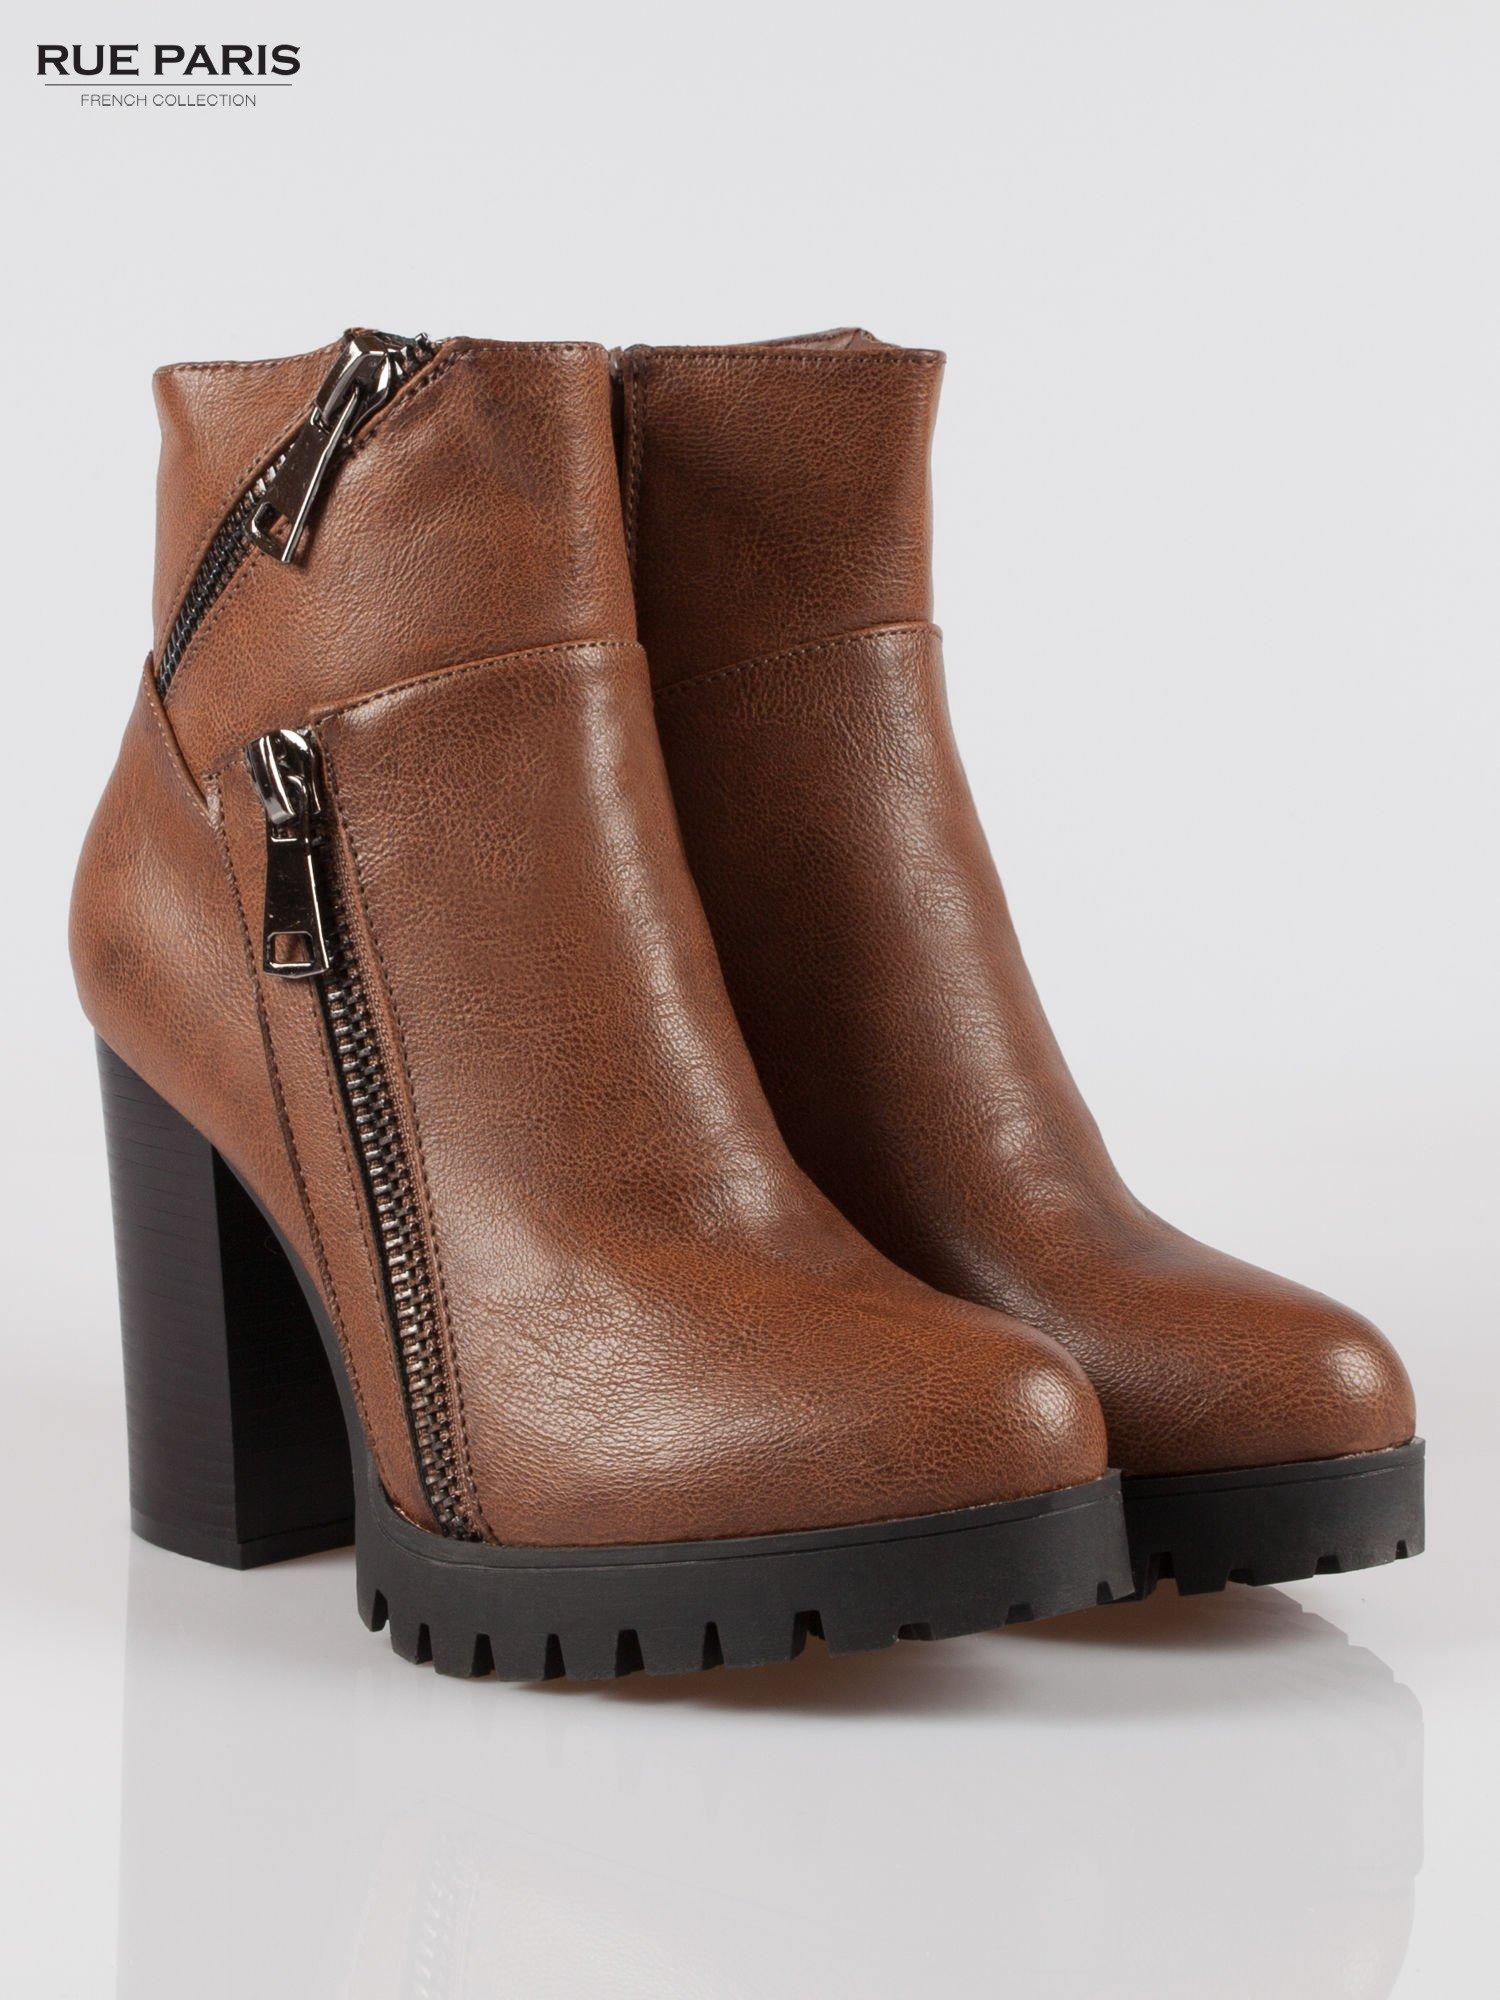 Brązowe botki na słupku z zamkami w stylu biker boots                                  zdj.                                  2